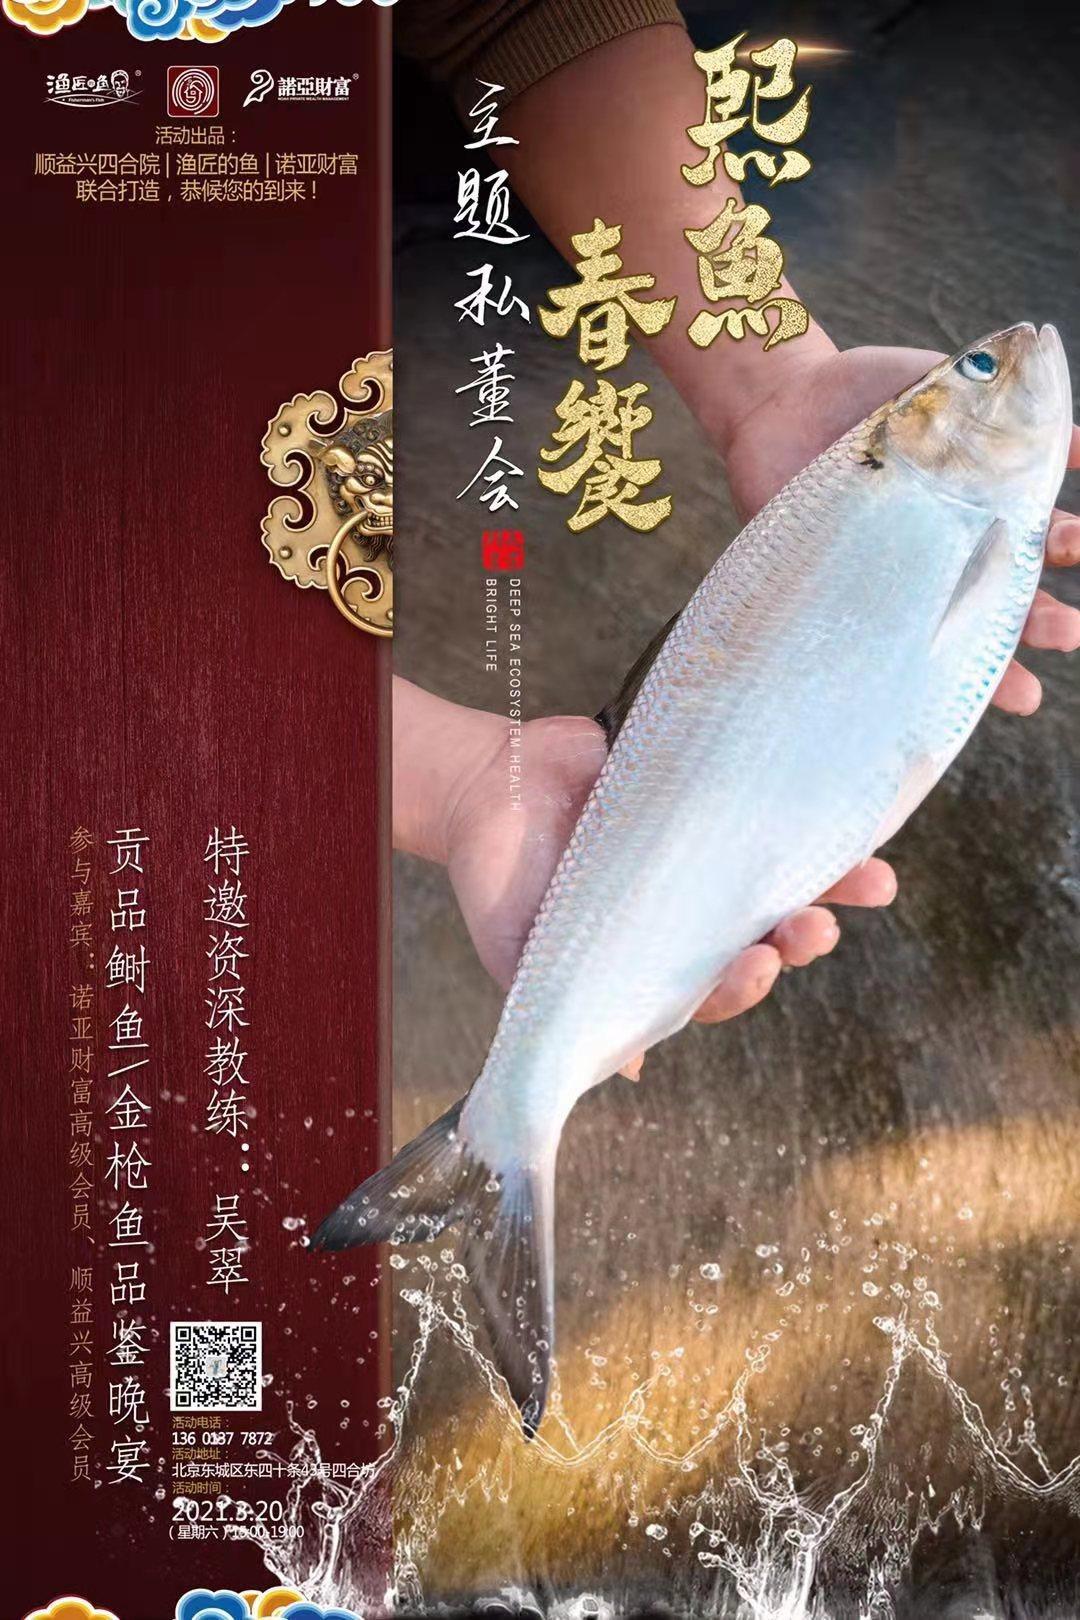 鱼与四合院的传统文化碰撞——《熙鱼春饗》